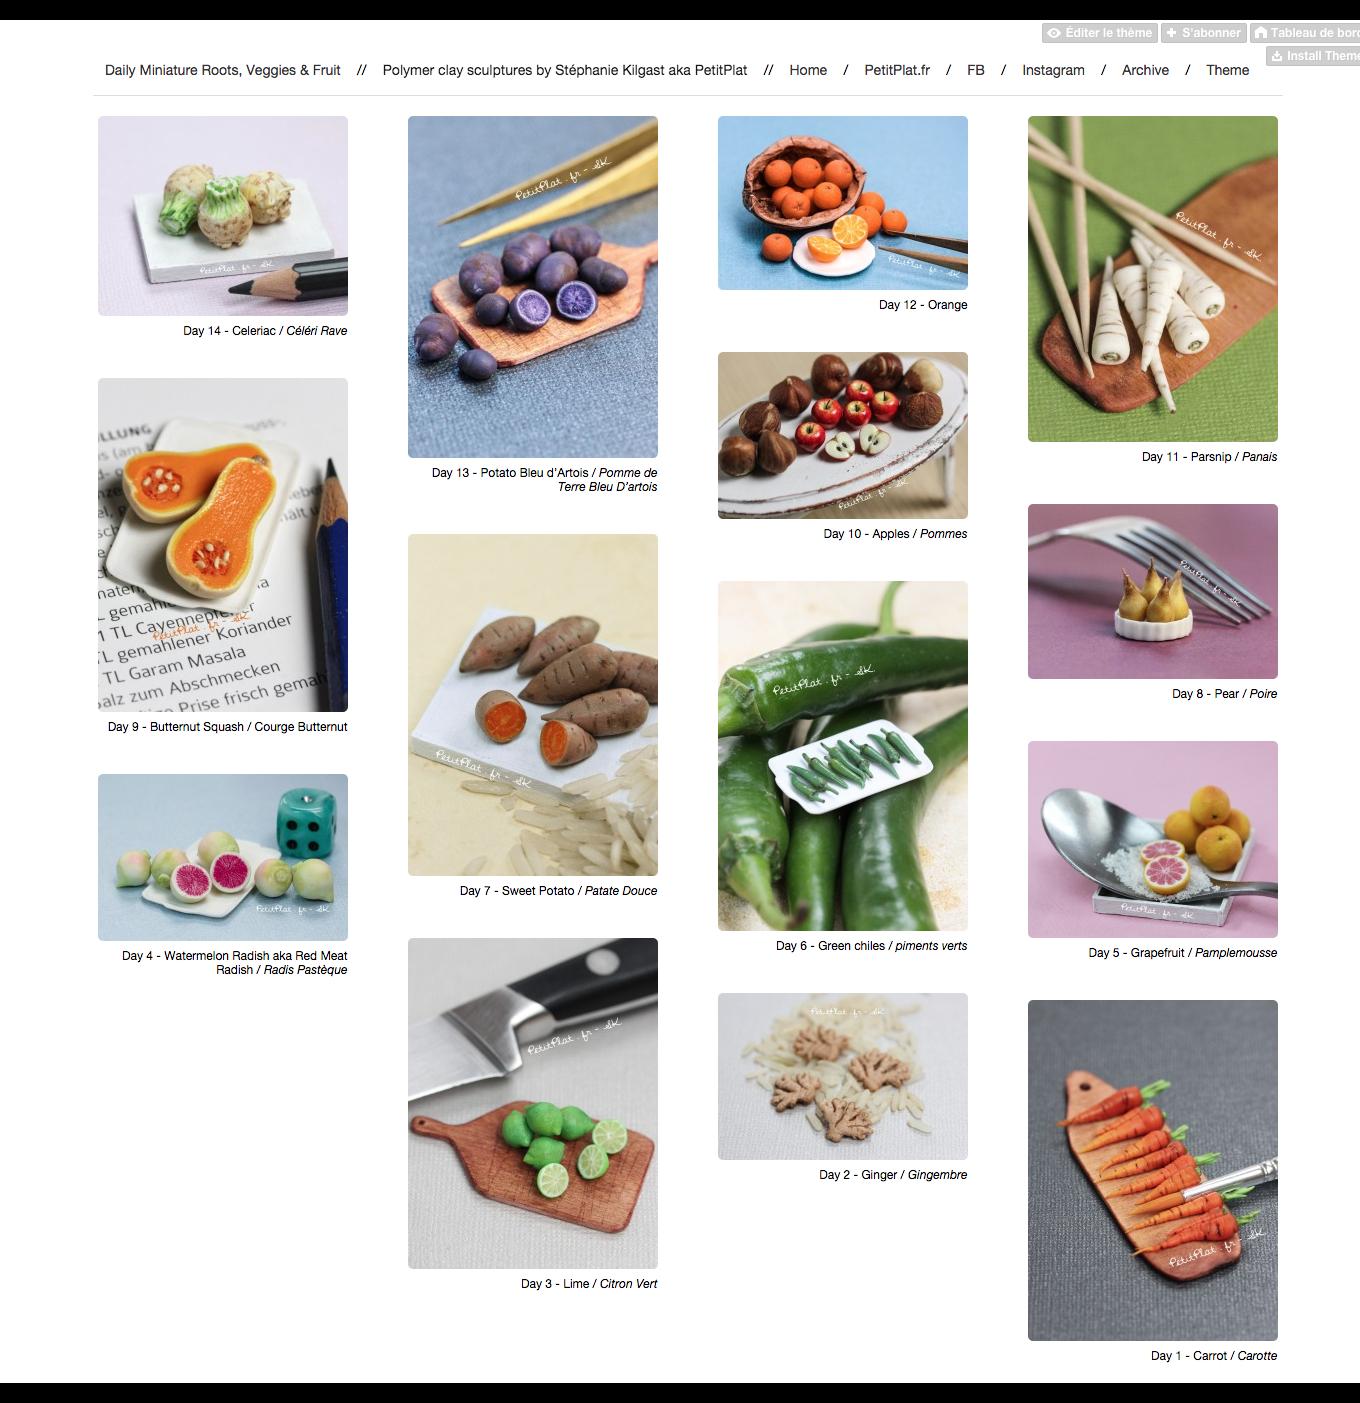 Miniature Food Veggies and Fruit, Stephanie Kilgast, PetitPlat #polymerclay #miniatures #365challenge